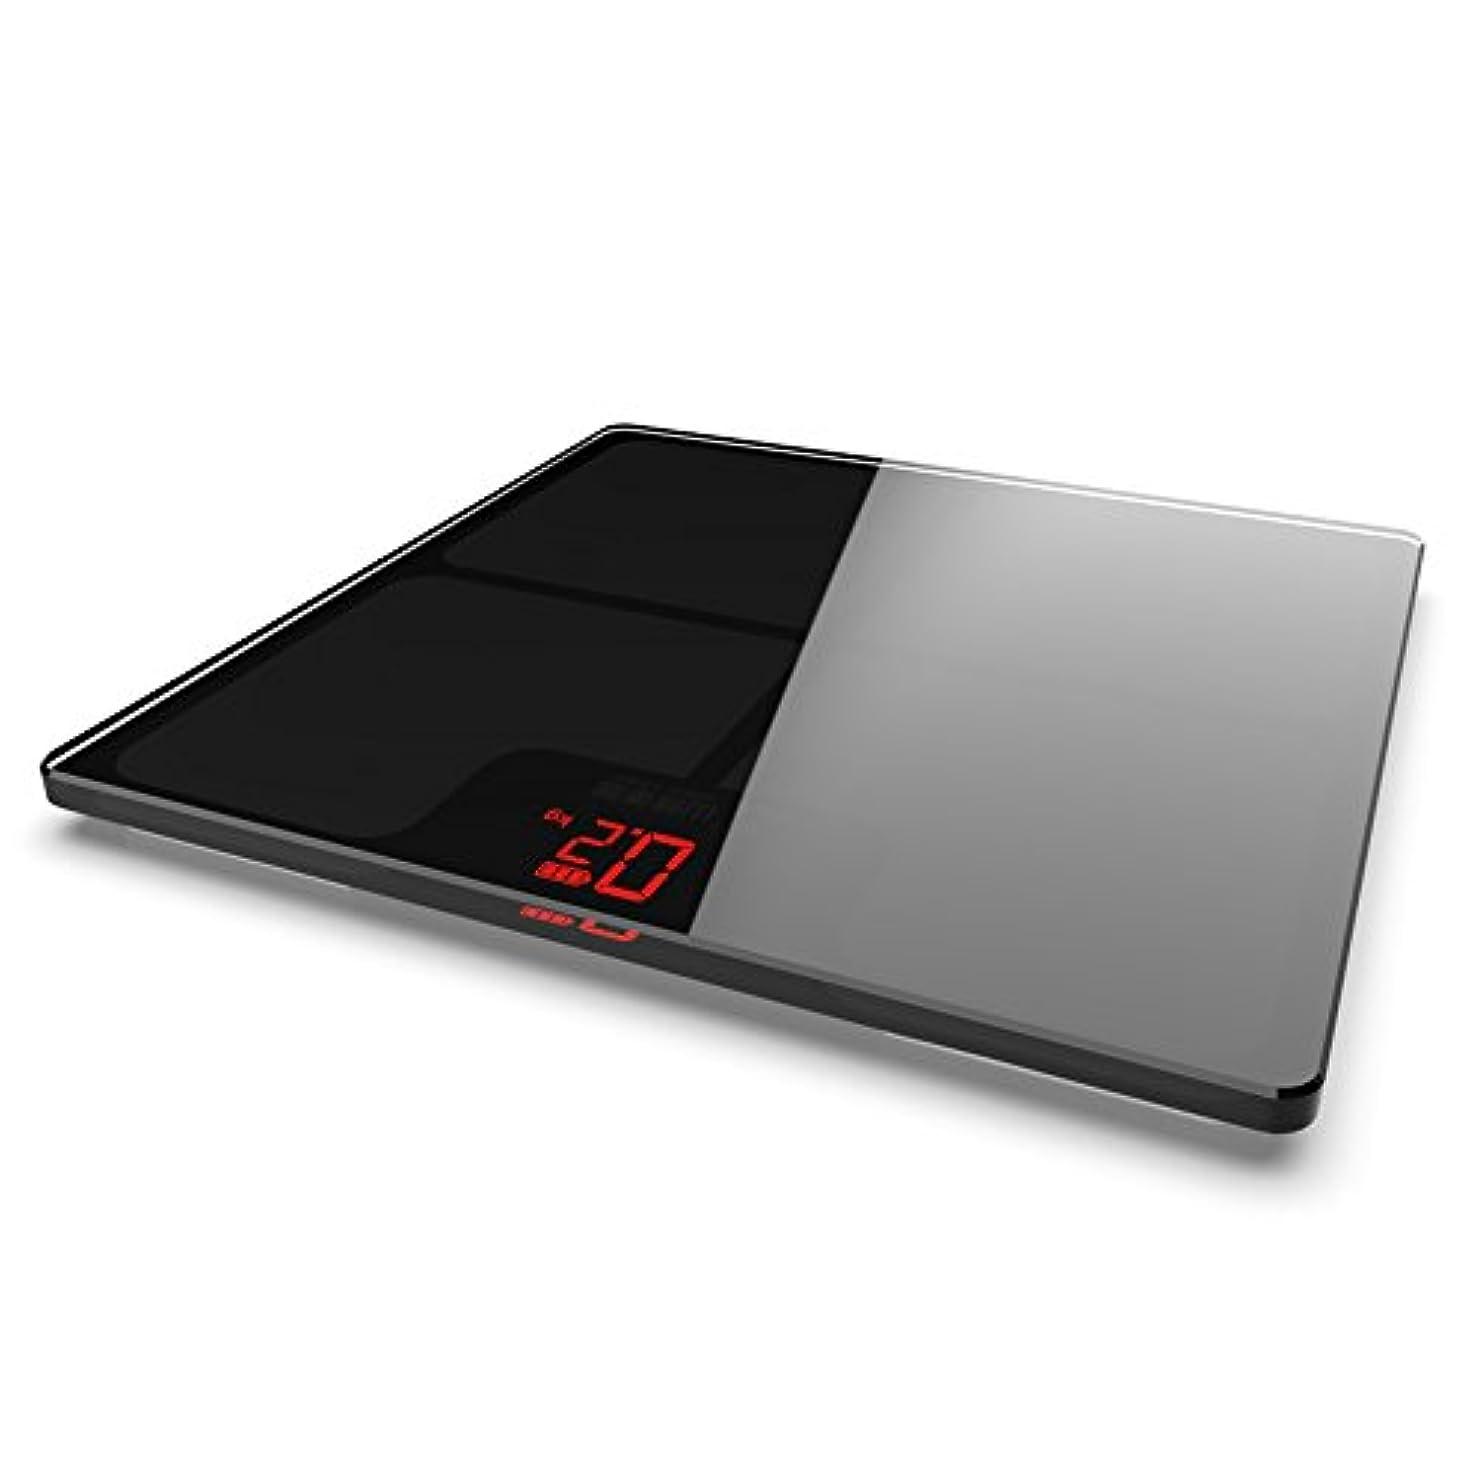 放棄された誇りに思う豊富にSYF 体重計 男性と女性のための電子スケールの家庭用充電スケール大人の精密超薄型ボディスケール重量損失軽量USBスケール(150kg MAX)180 Tage Standby A+